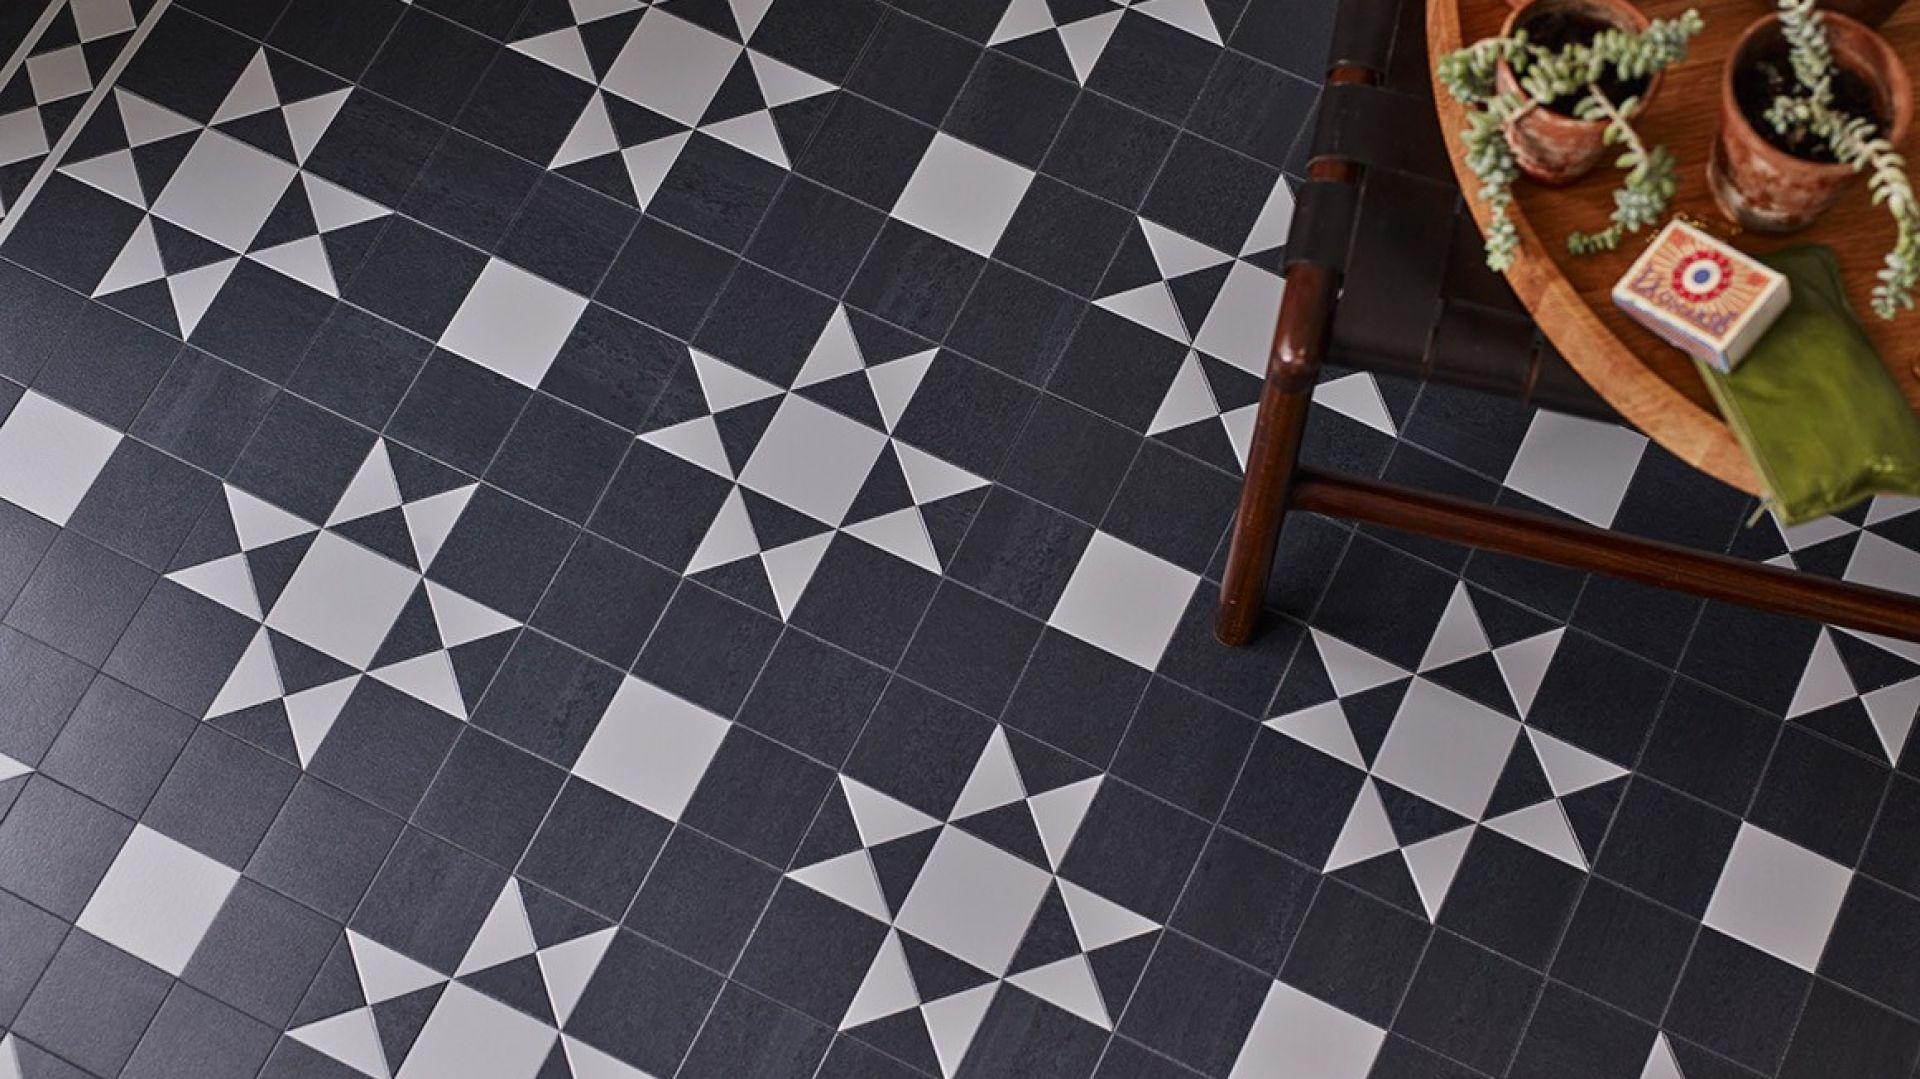 Wzory takie jak pepitka czy czarno-białe pasy stały się ponadczasowe. Aranżacje w stylu klasycznym, retro i minimalistycznym wprost uwielbiają połączenie czerni i bieli. Takie zestawienia jeszcze długo pozostaną modne. Fot. Amtico, Carpet Studio